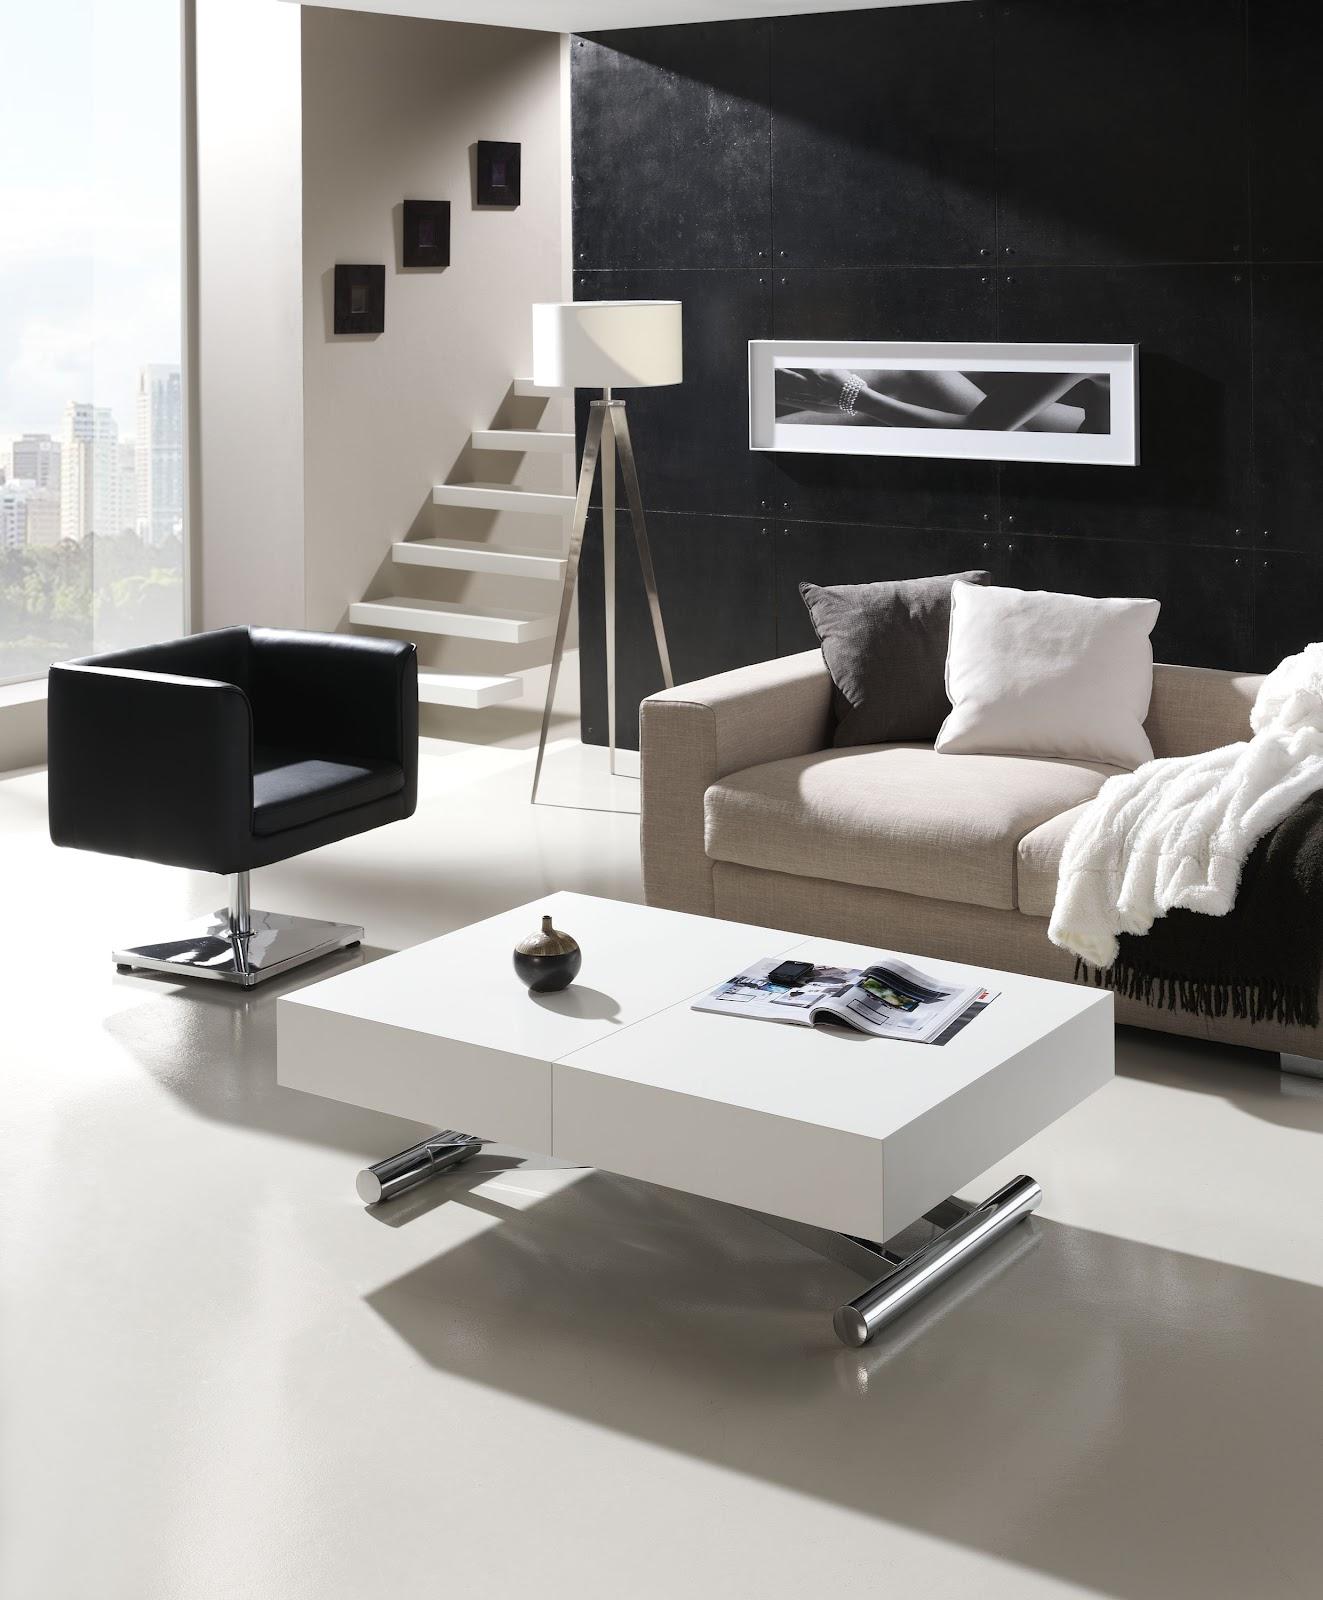 Mesas de centro elevables y extensibles a mesas de comedor - Mesas elevables y extensibles ...